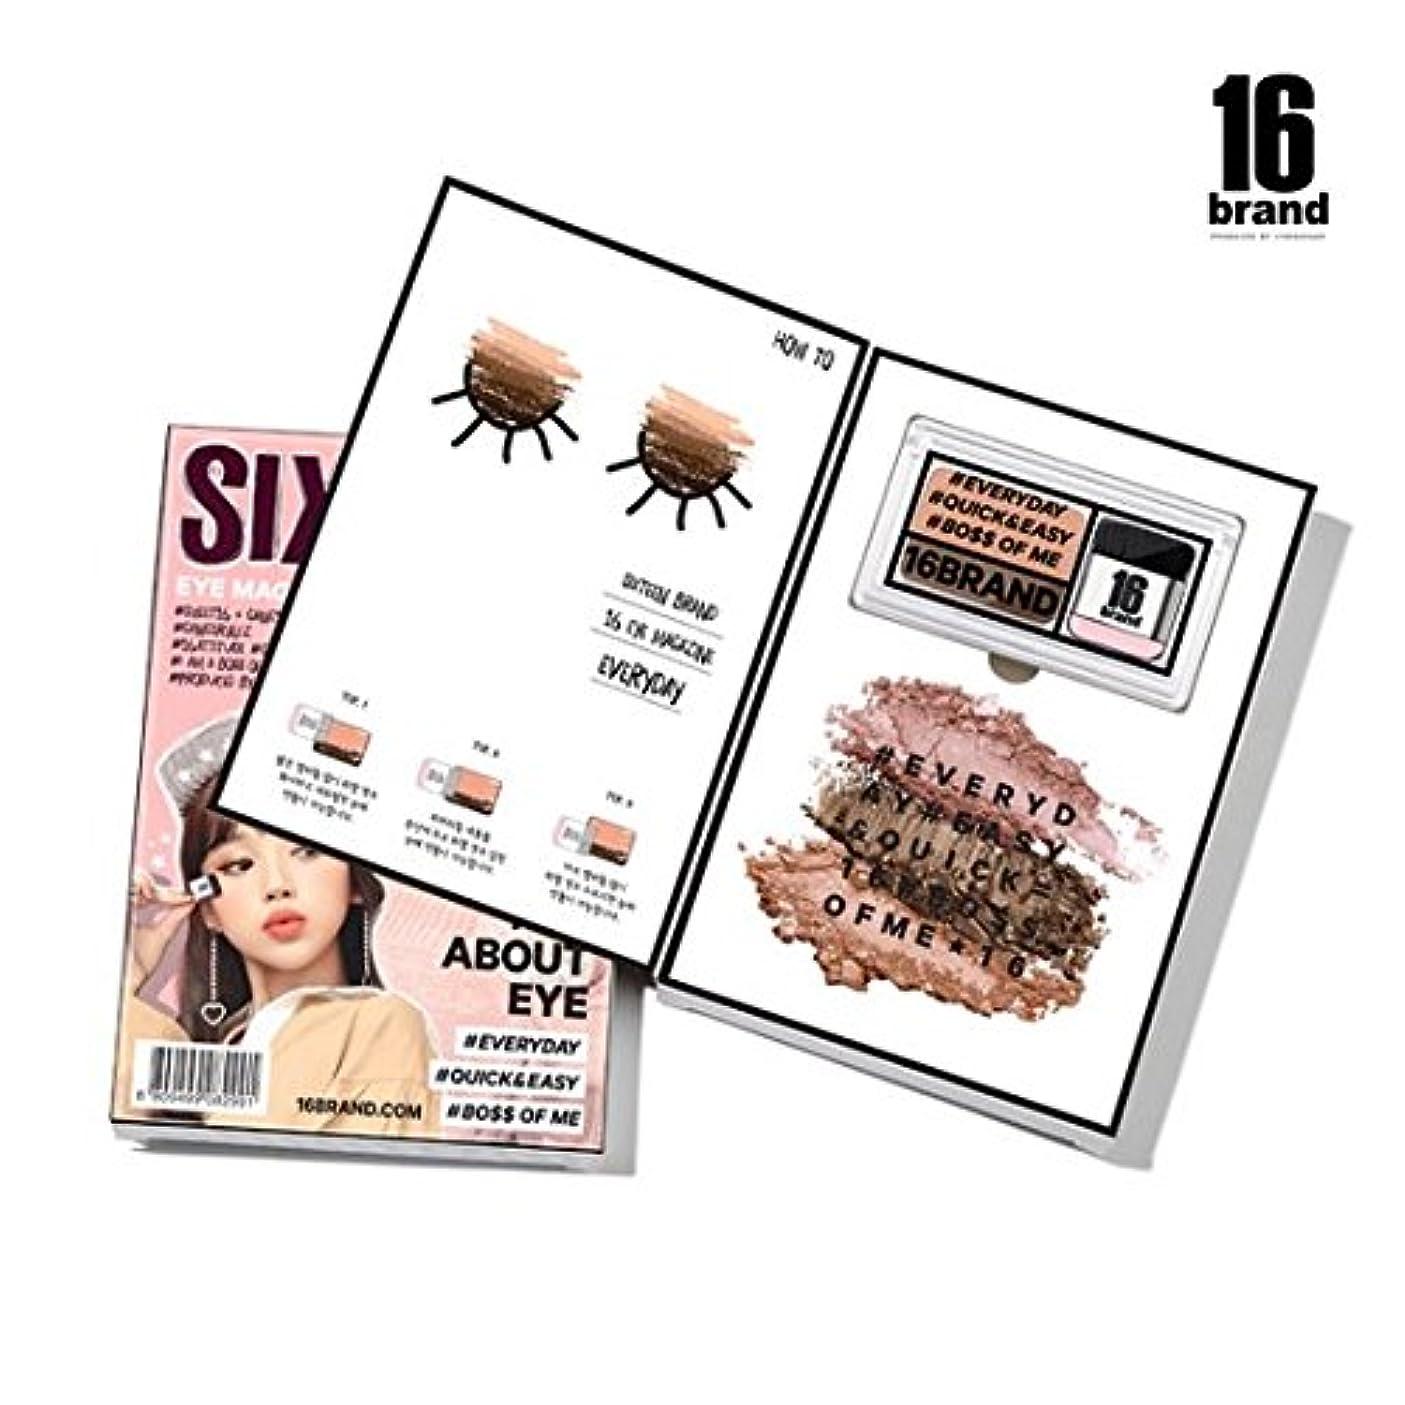 レンジ器官局16brand Sixteen Eye Magazine Everyday 2g/16ブランド シックスティーン アイ マガジン エブリデイ 2g [並行輸入品]